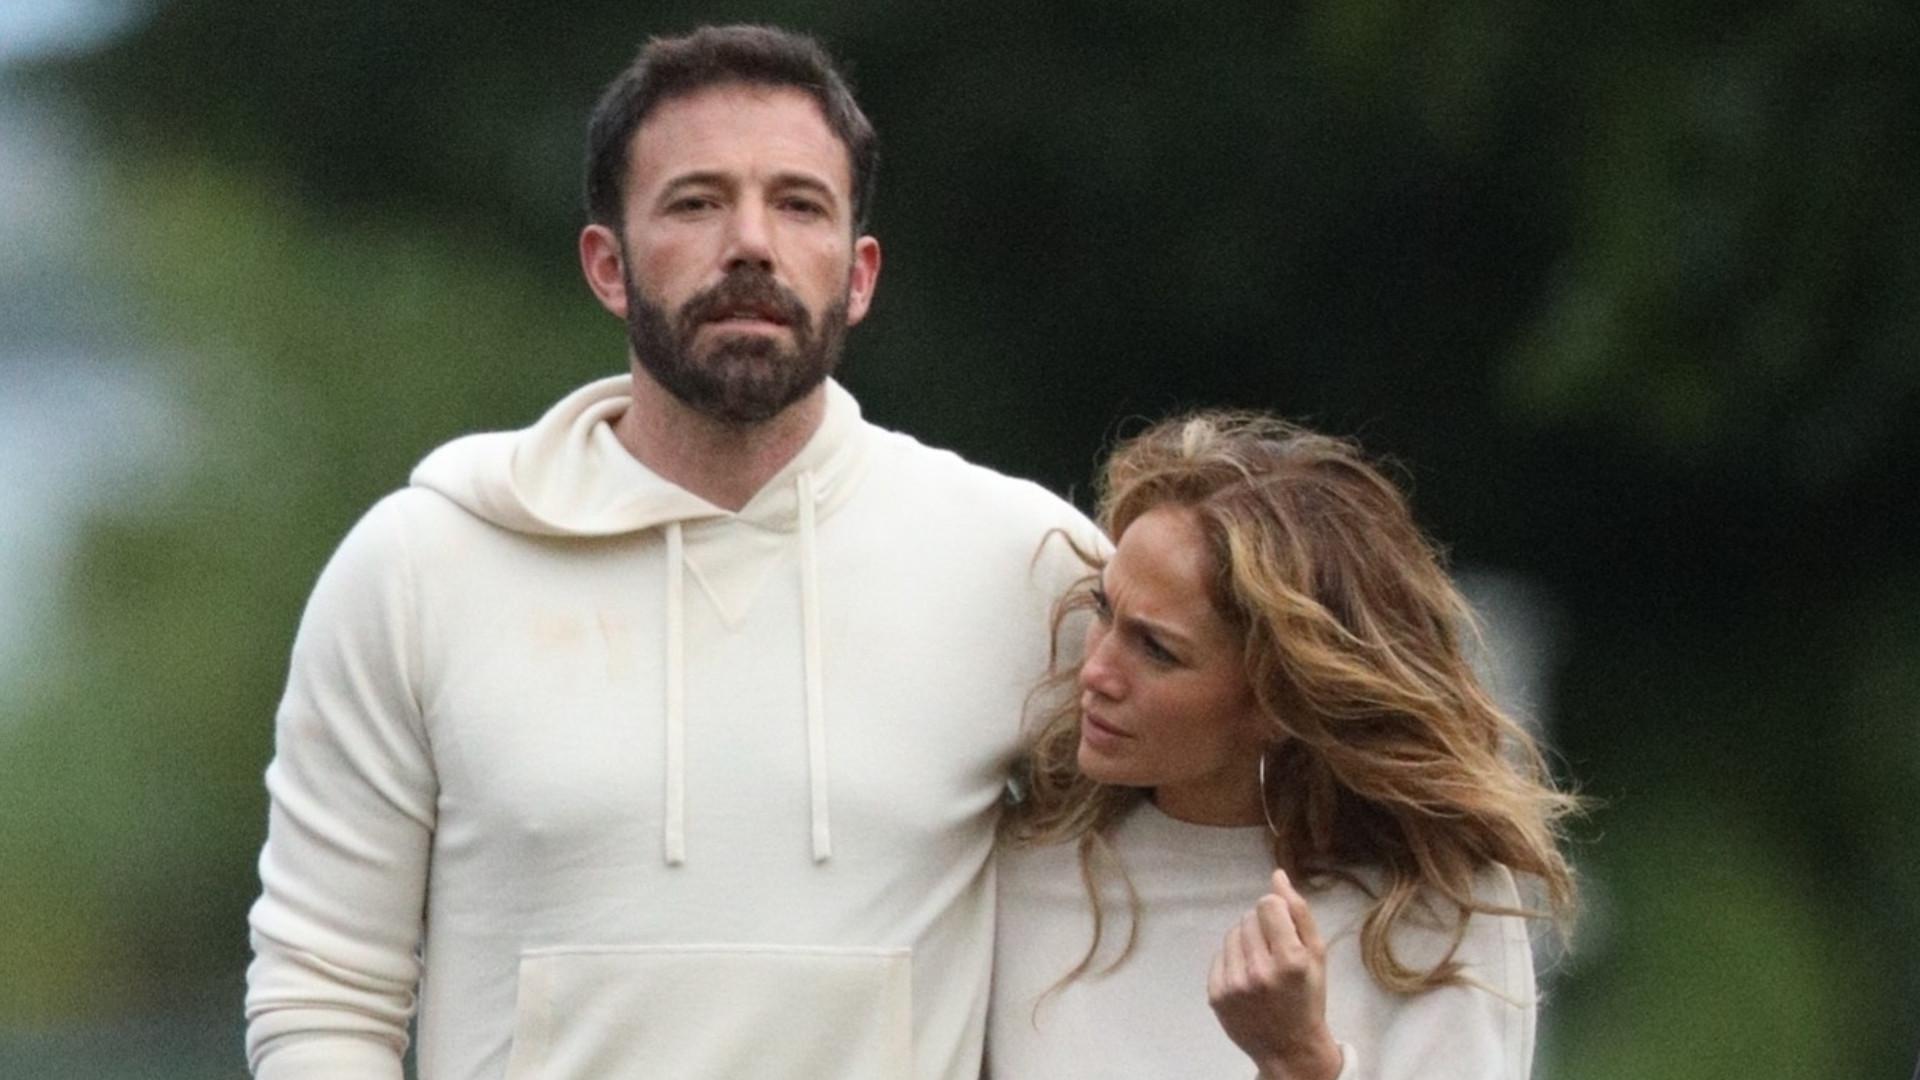 J.Lo została zapytana o związek z Benem Affleckiem w telewizji na żywo